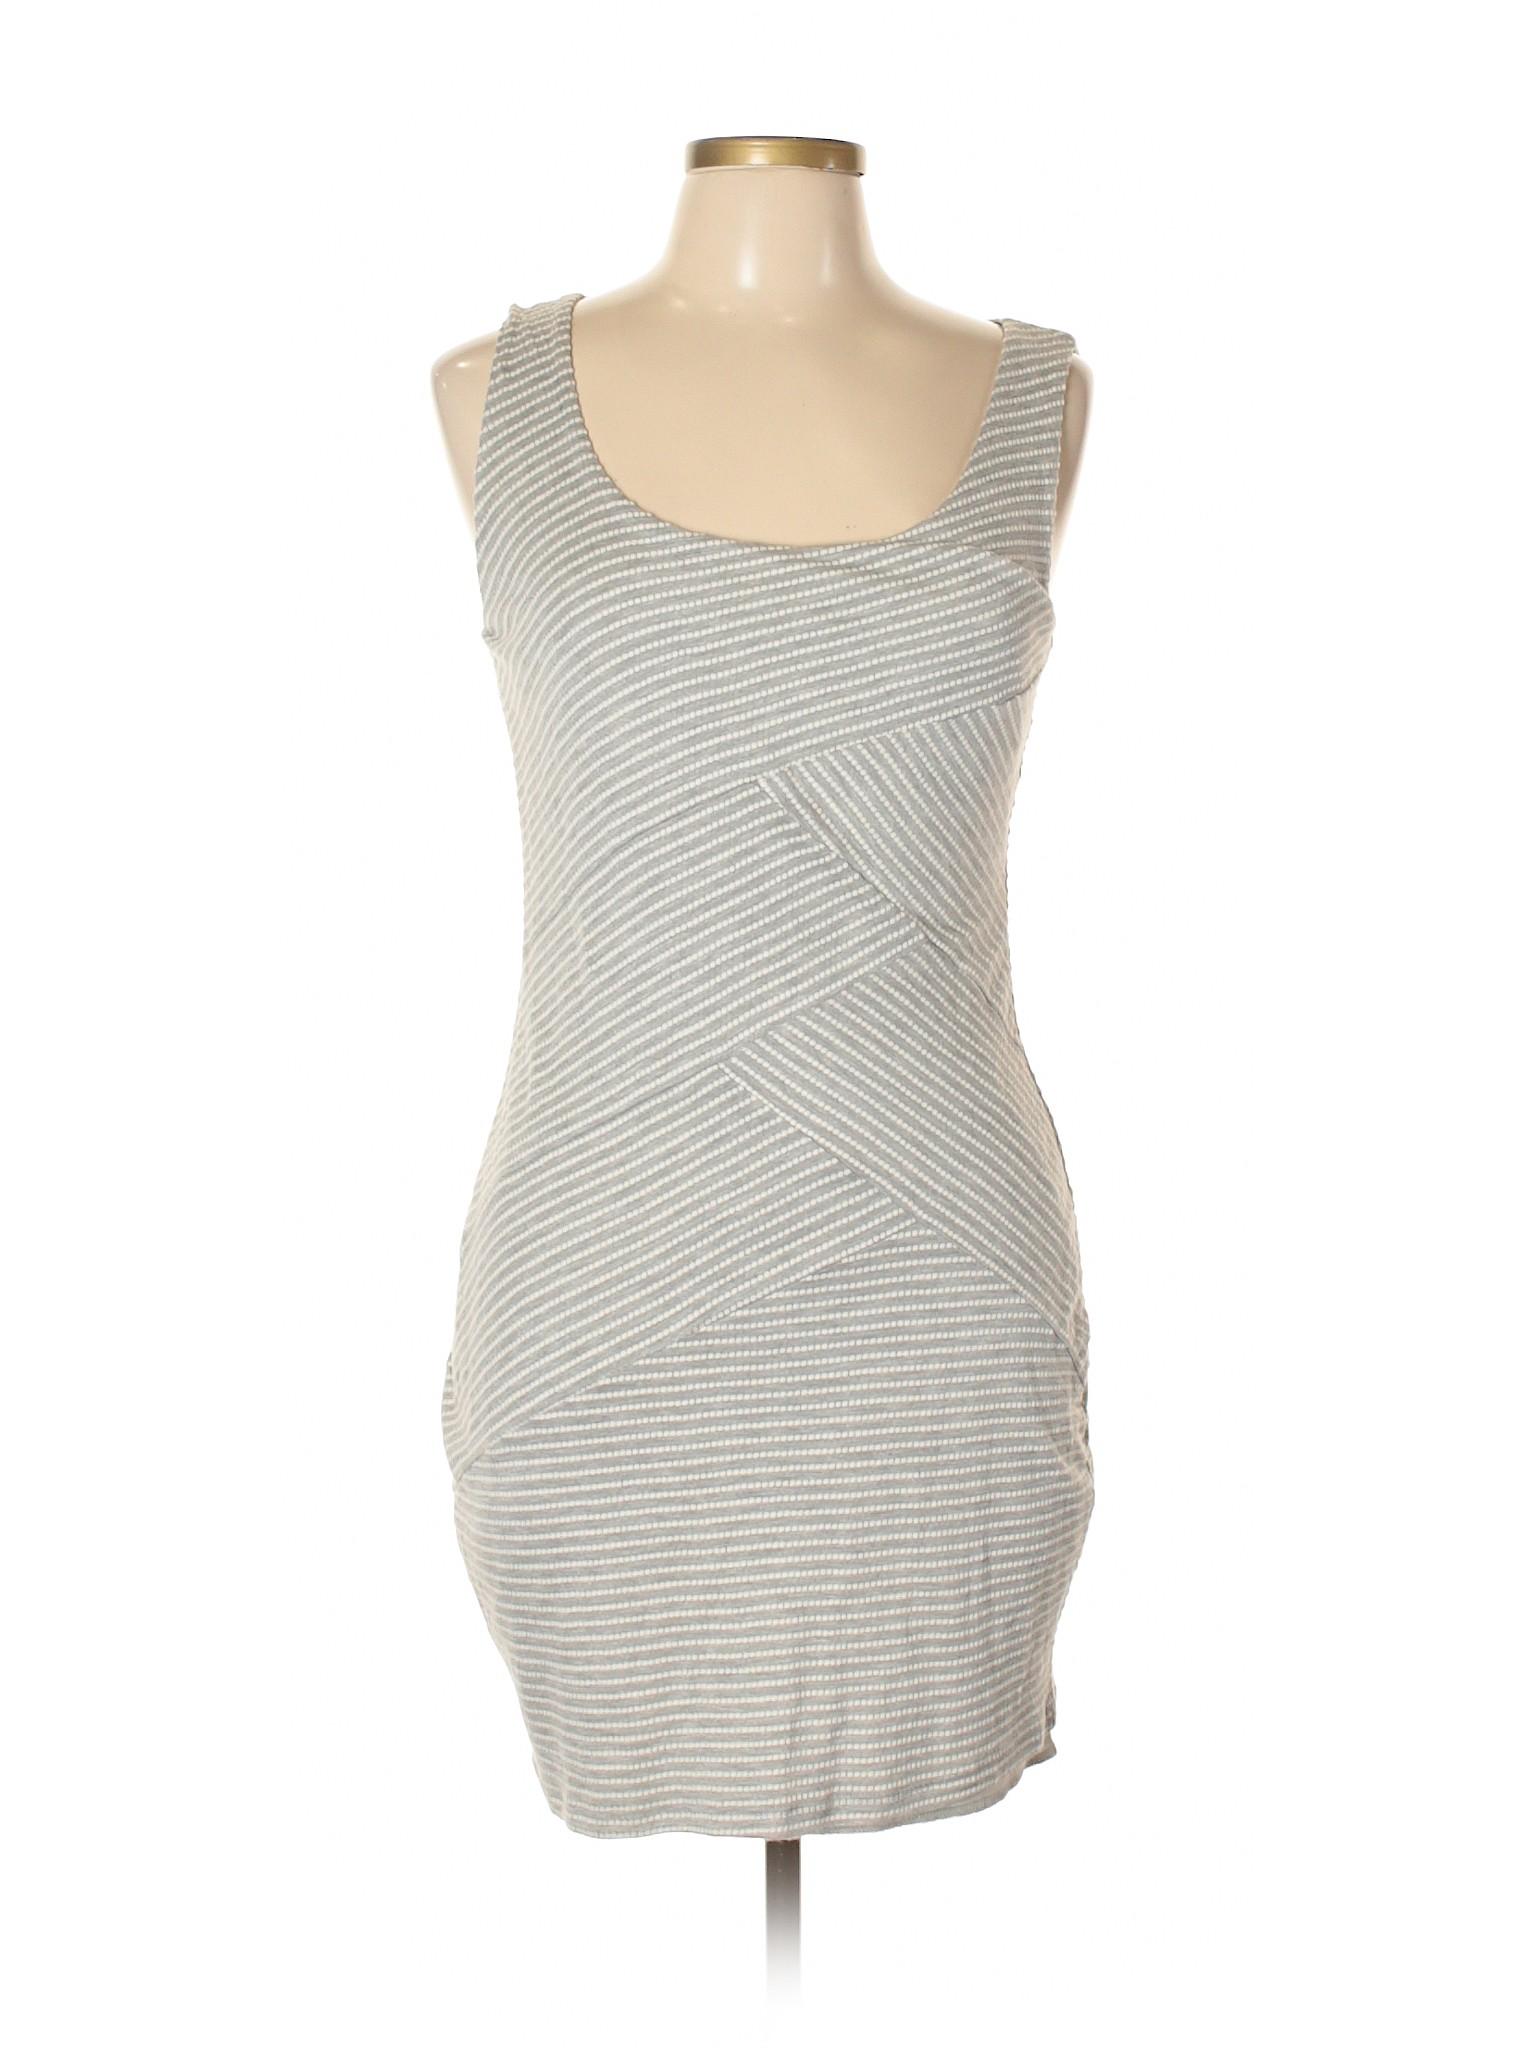 Sotto winter Sopra Boutique Casual Dress 50qpwxdZB